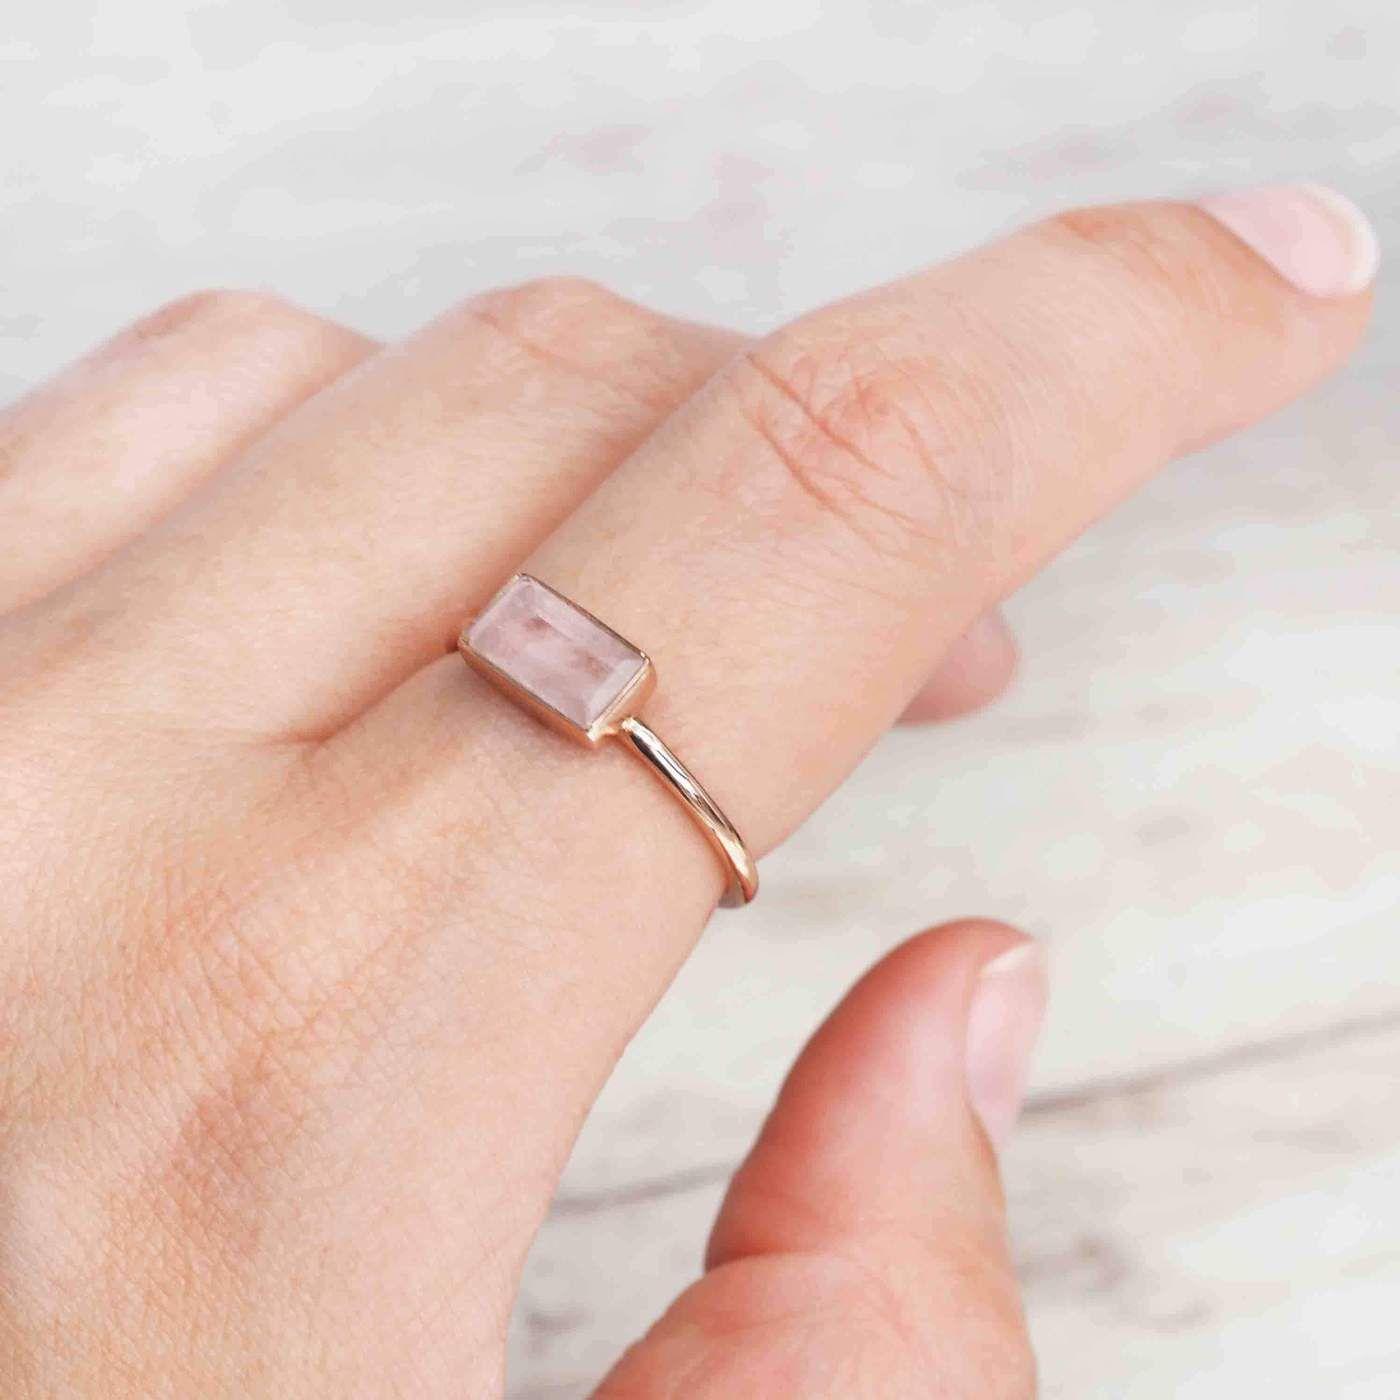 Rose Gold Amore Morganite Ring. Natural Morganite Stone. Rose Gold Ring. Rose Gold Morganite Jewelry. Rose Gold Jewelry. Morganite Jewels. Natural Morganite and Rose Gold. Bohemian Jewellery. Boho Jewelry. Indie and Harper.